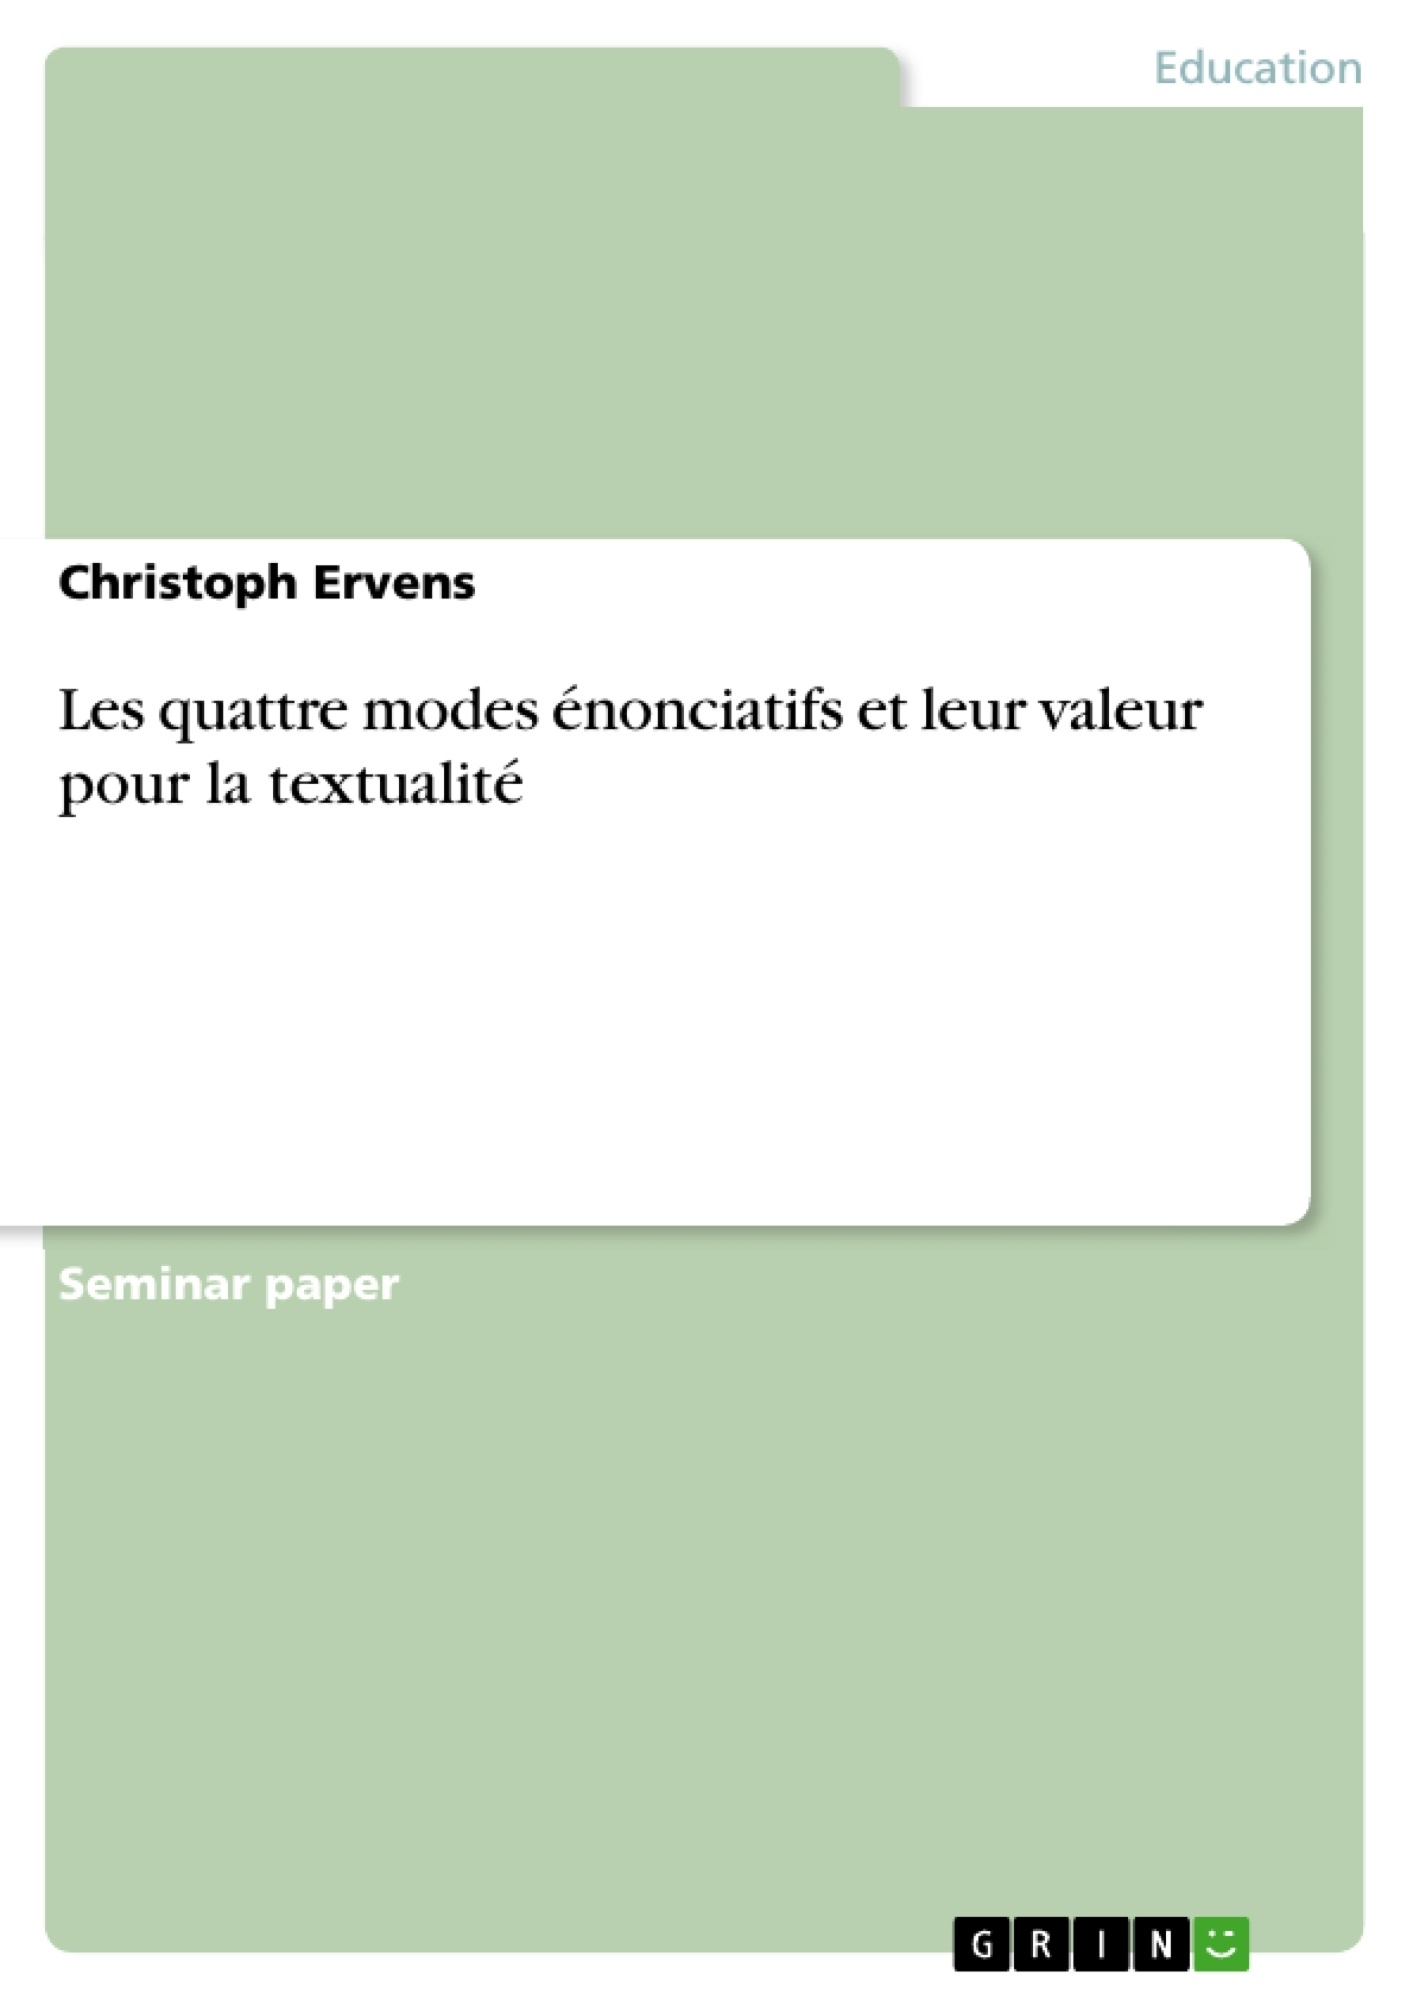 Titre: Les quattre modes énonciatifs et leur valeur pour la textualité